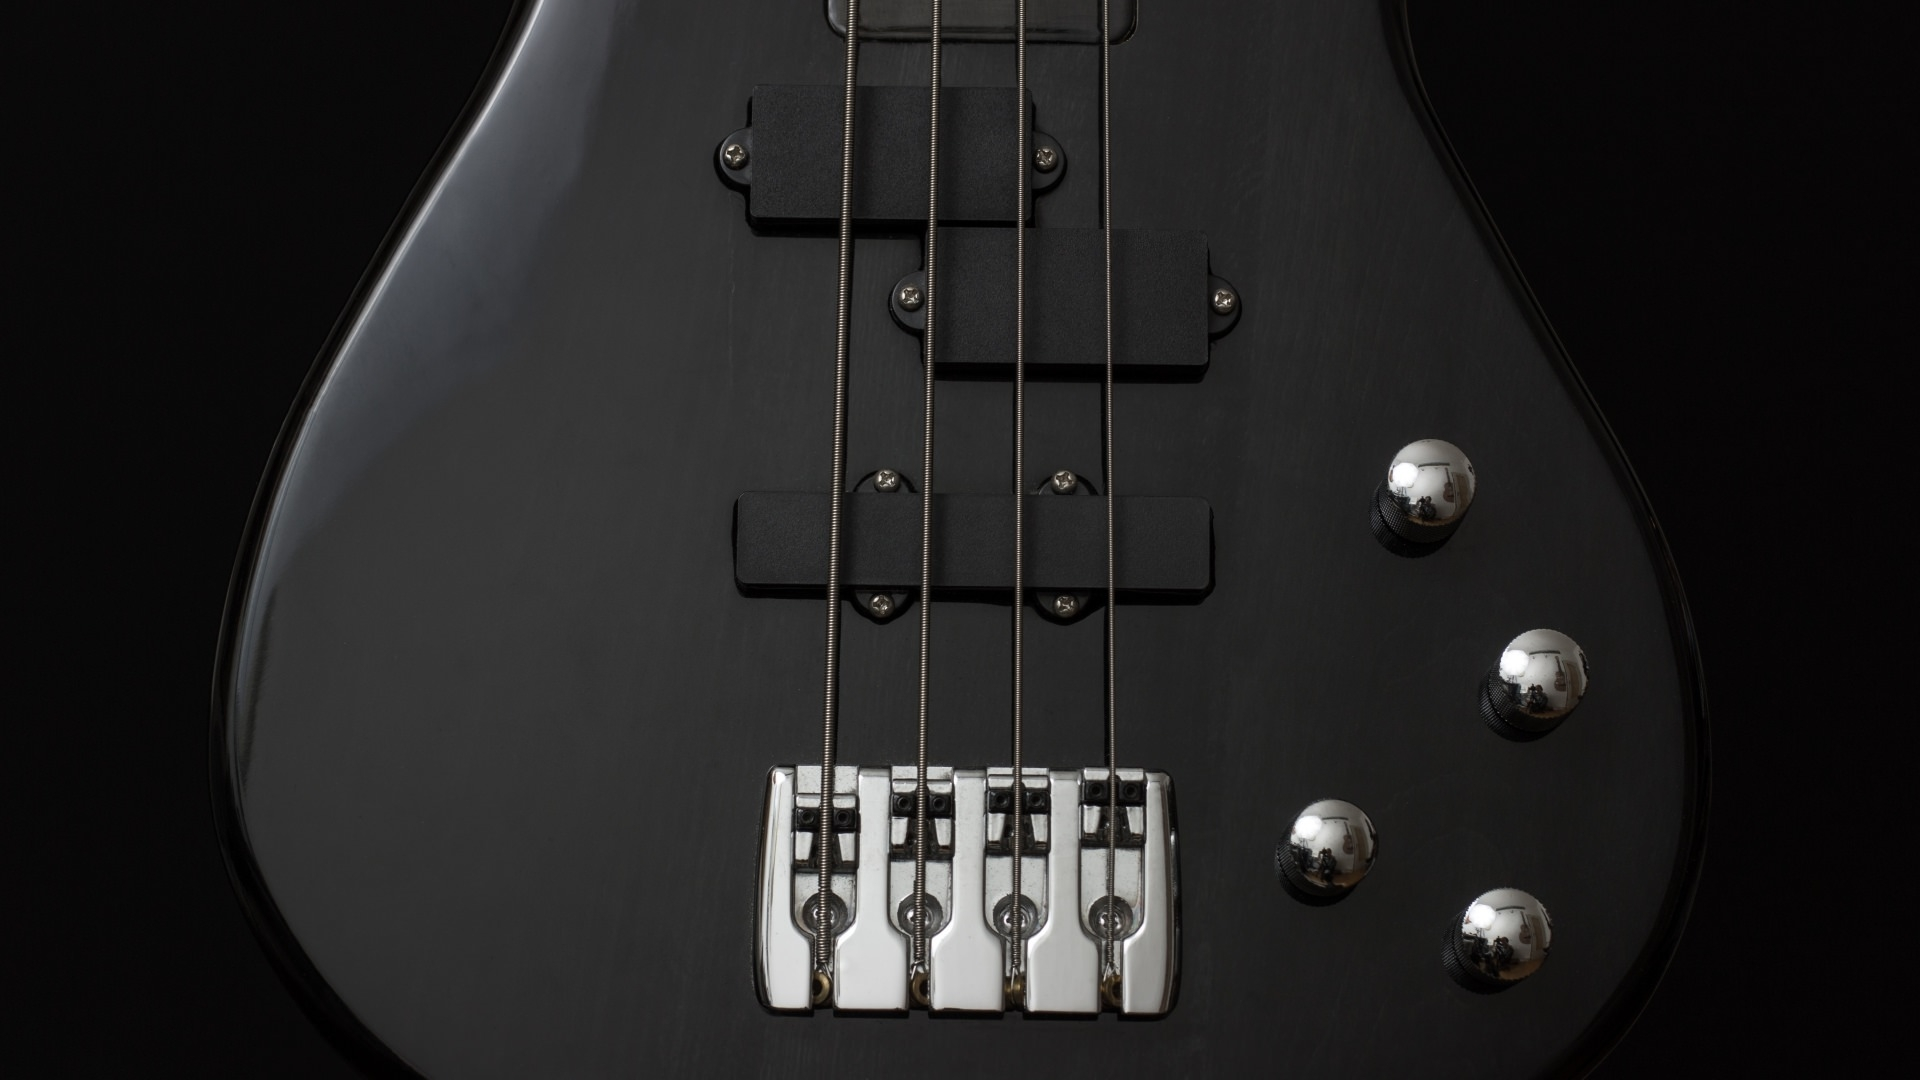 Black Bass Guitar Wallpaper